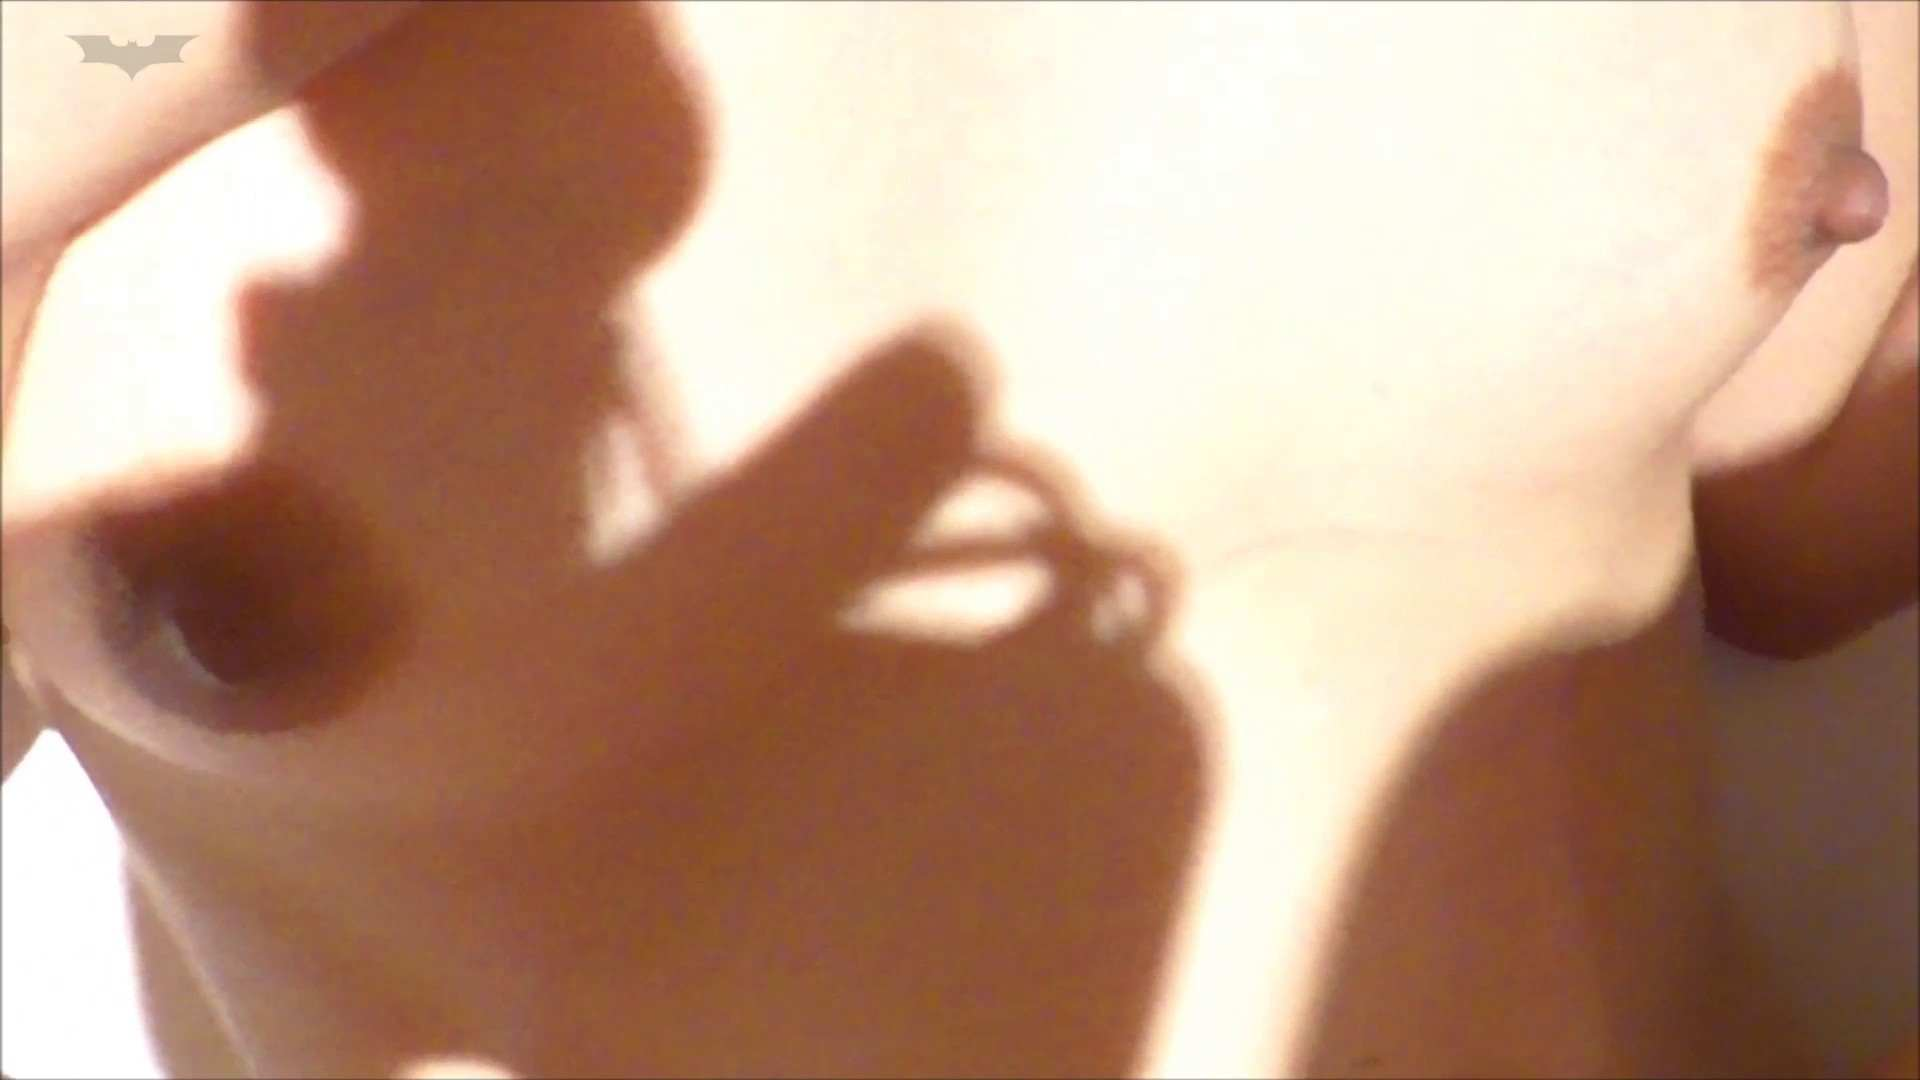 内緒でデリヘル盗撮 Vol.03中編 美肌、美人のデリ嬢にいよいよ挿入! 盗撮  102PIX 91